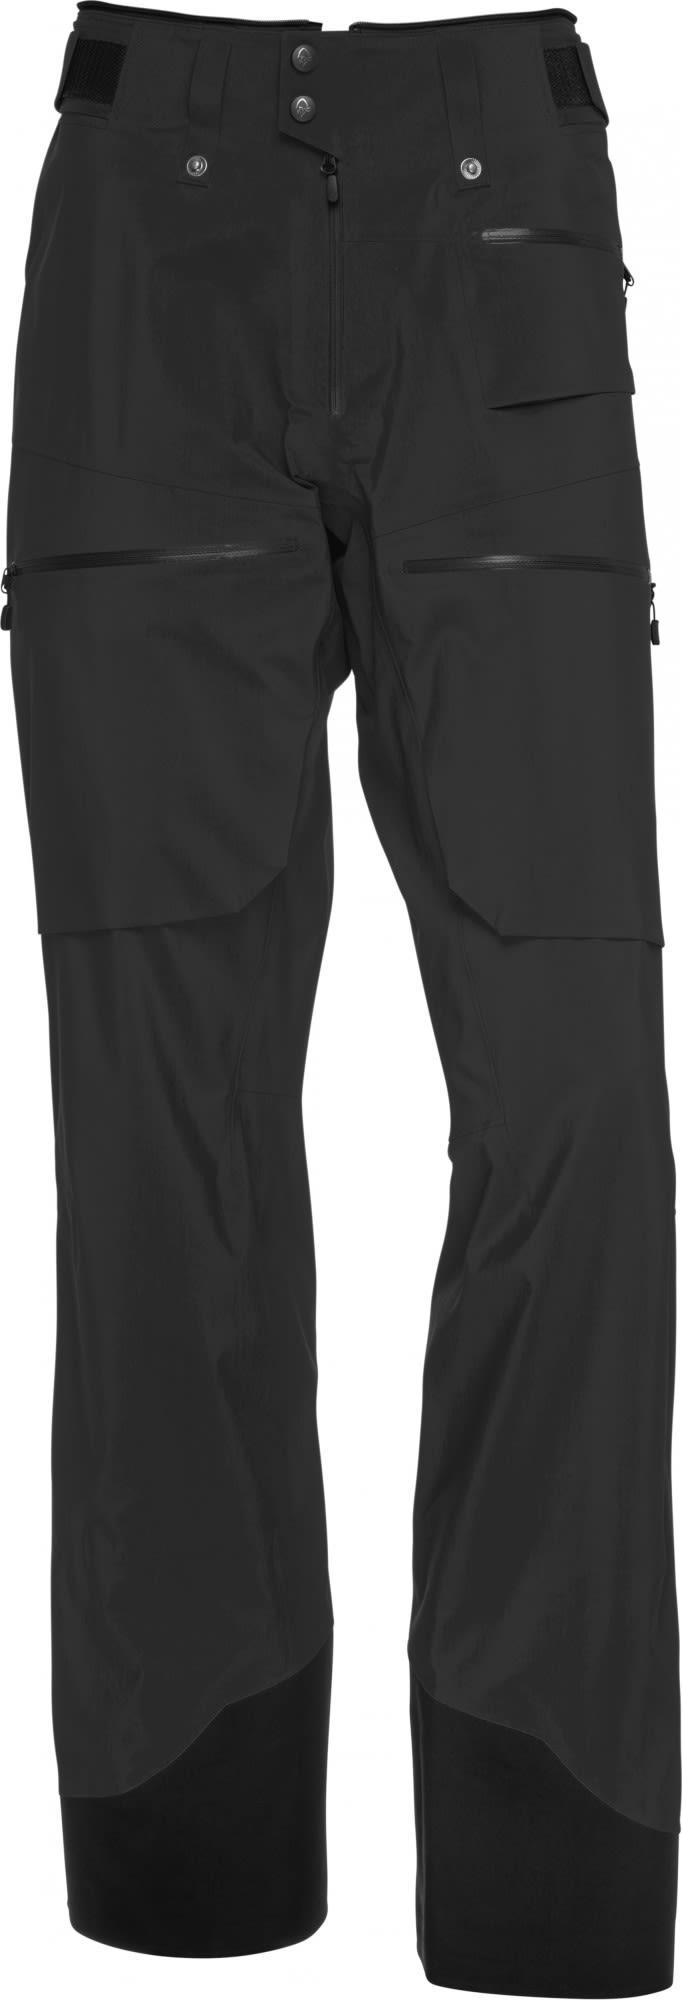 Norrona Lofoten Gore-Tex Pro Light Pants Schwarz, Male Gore-Tex® Hose, L